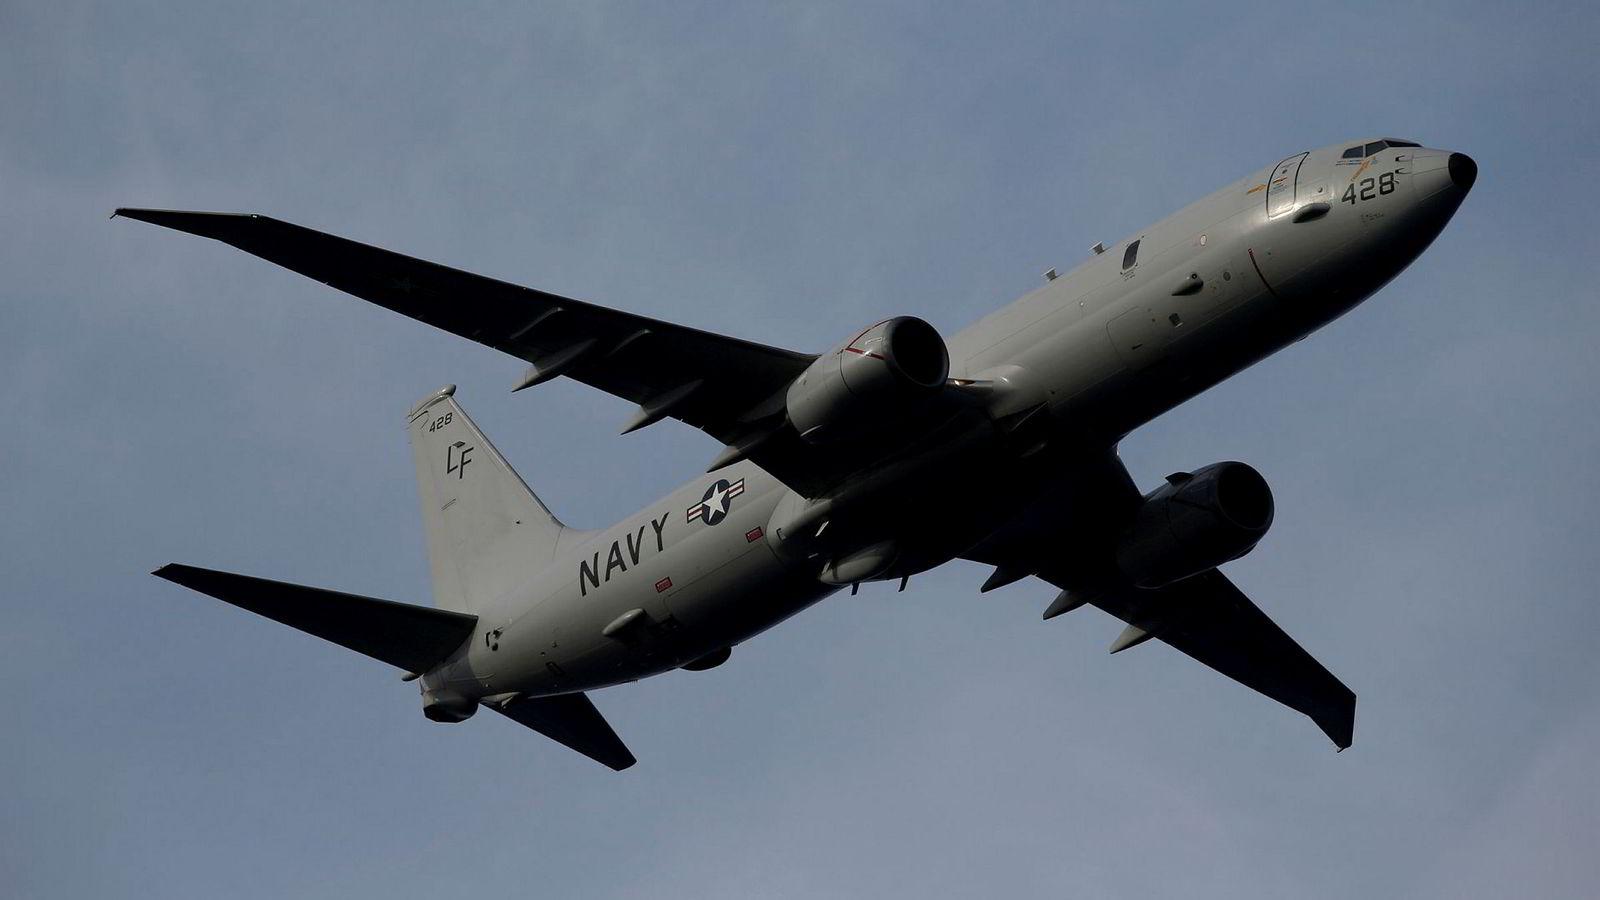 Boeing skal levere fem fly av typen P-8A Poseidon til Norge. Skipet brukes til overvåkning av ubåter.